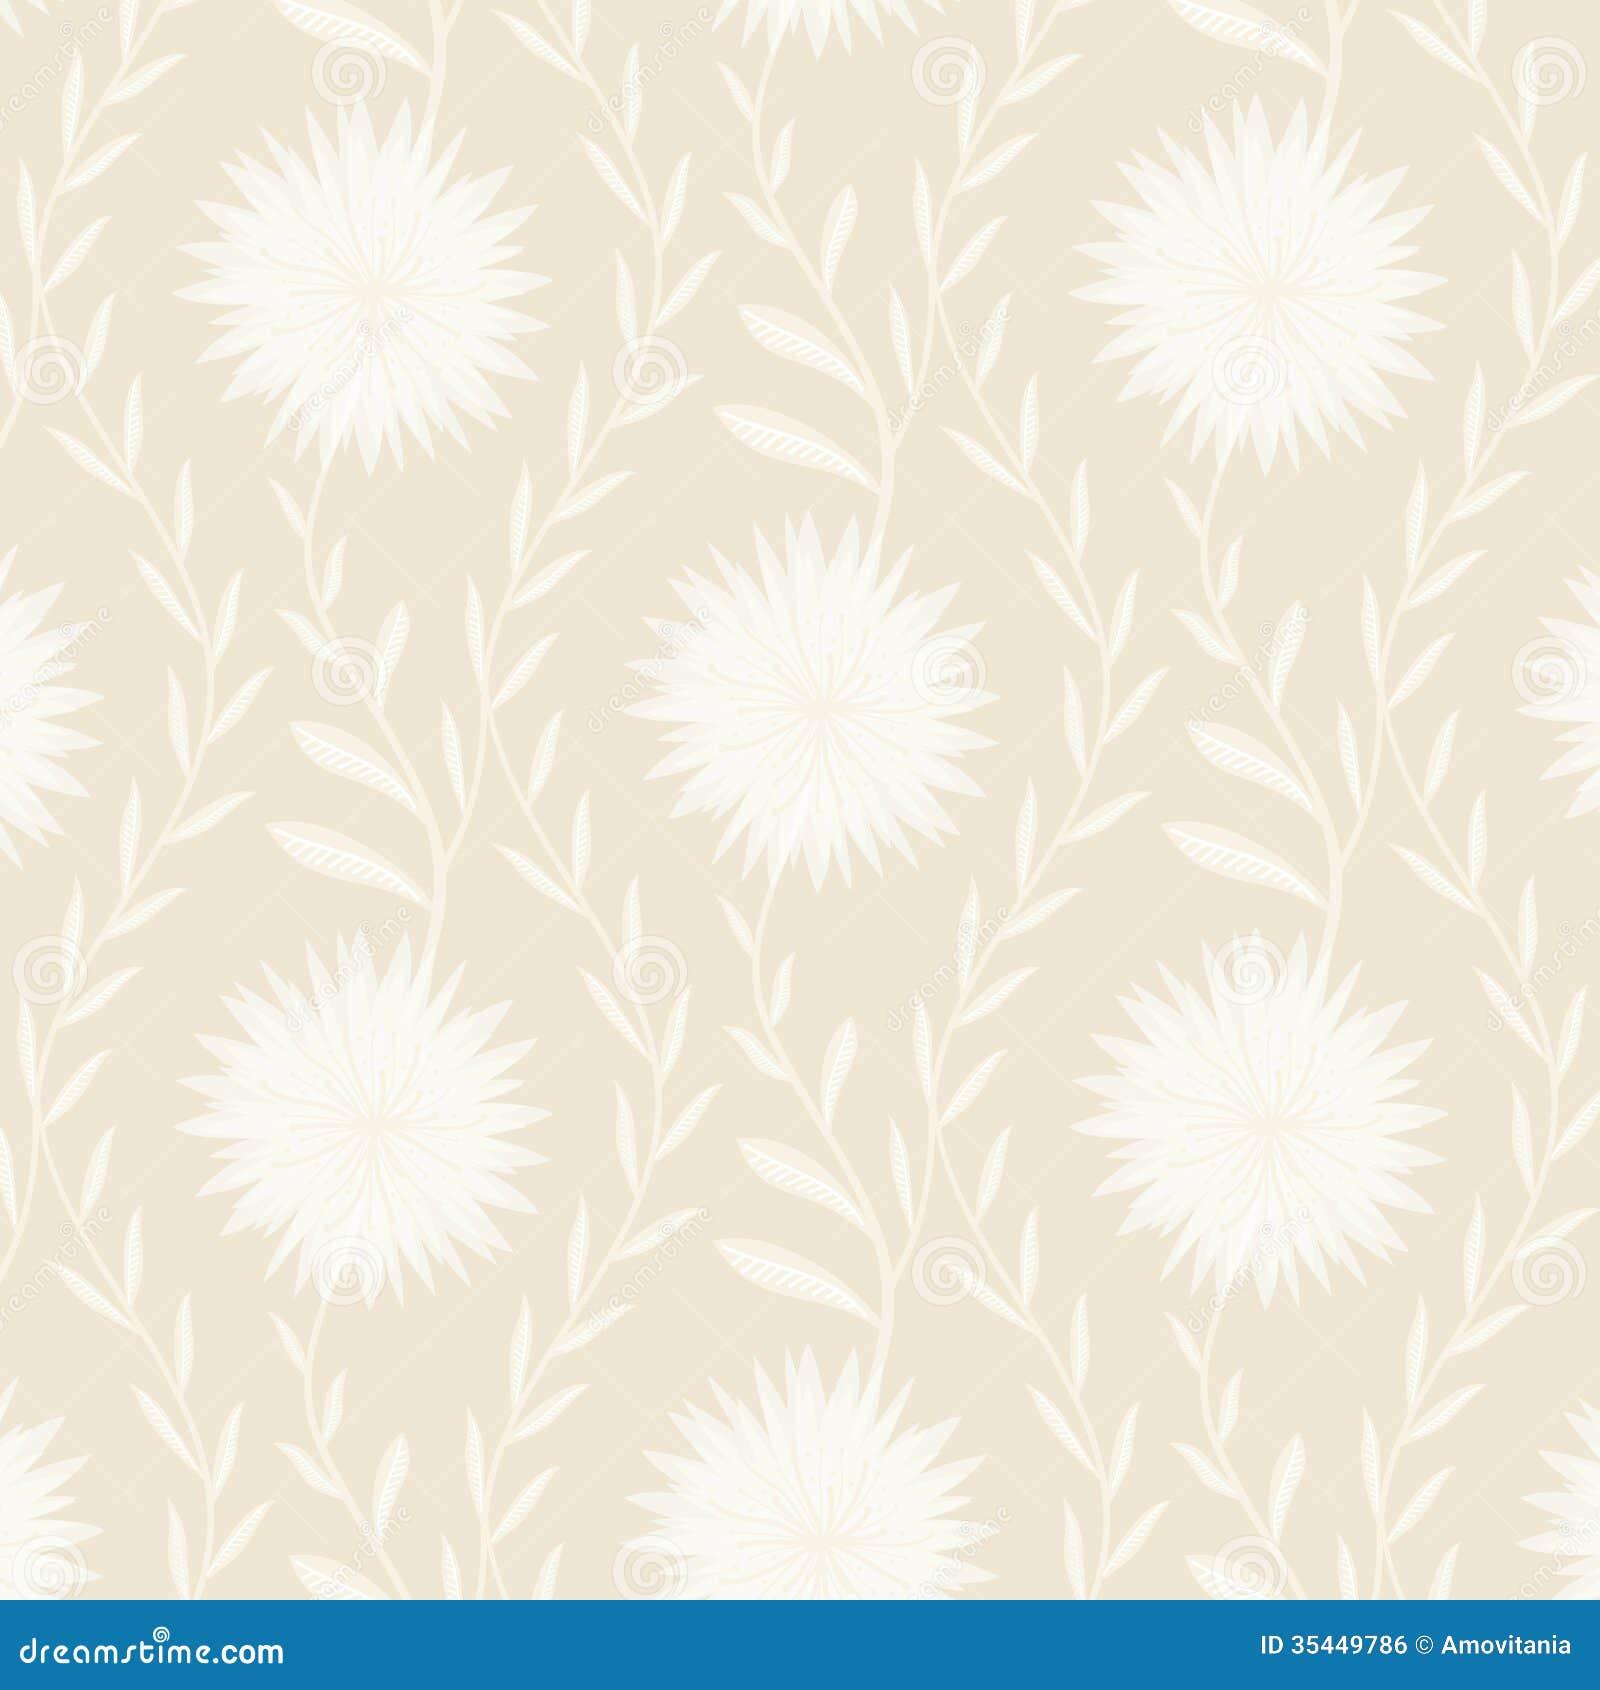 Tender White Flower Pattern On Light Background Royalty